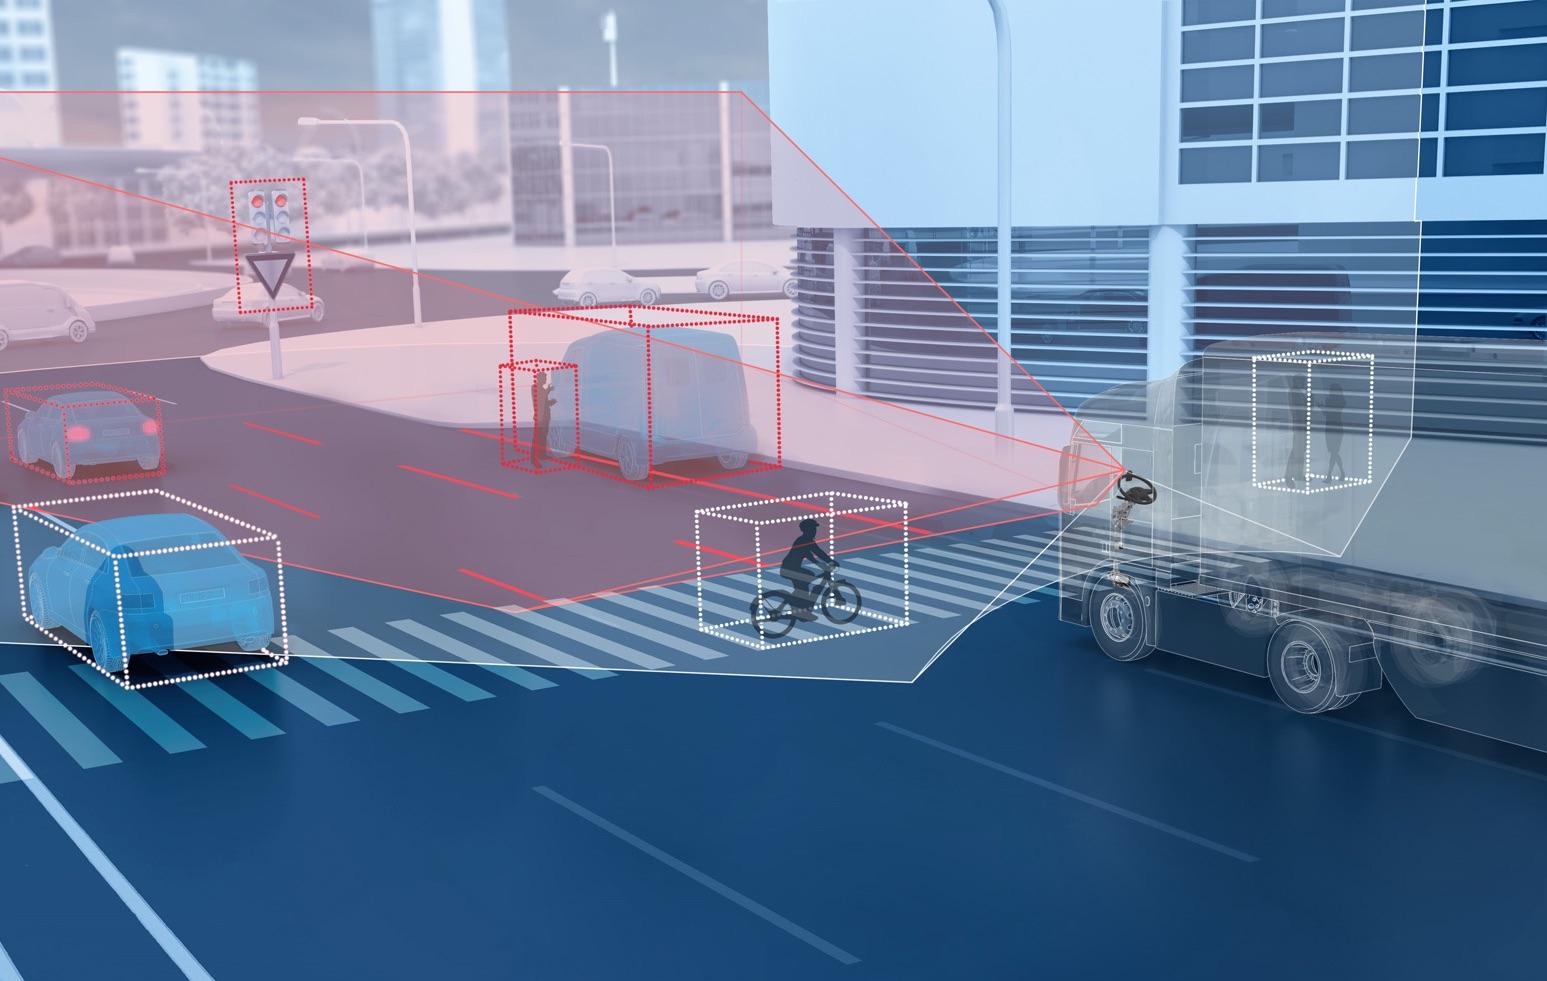 ZF sviluppa una telecamera a doppia lente per veicoli commerciali e industriali